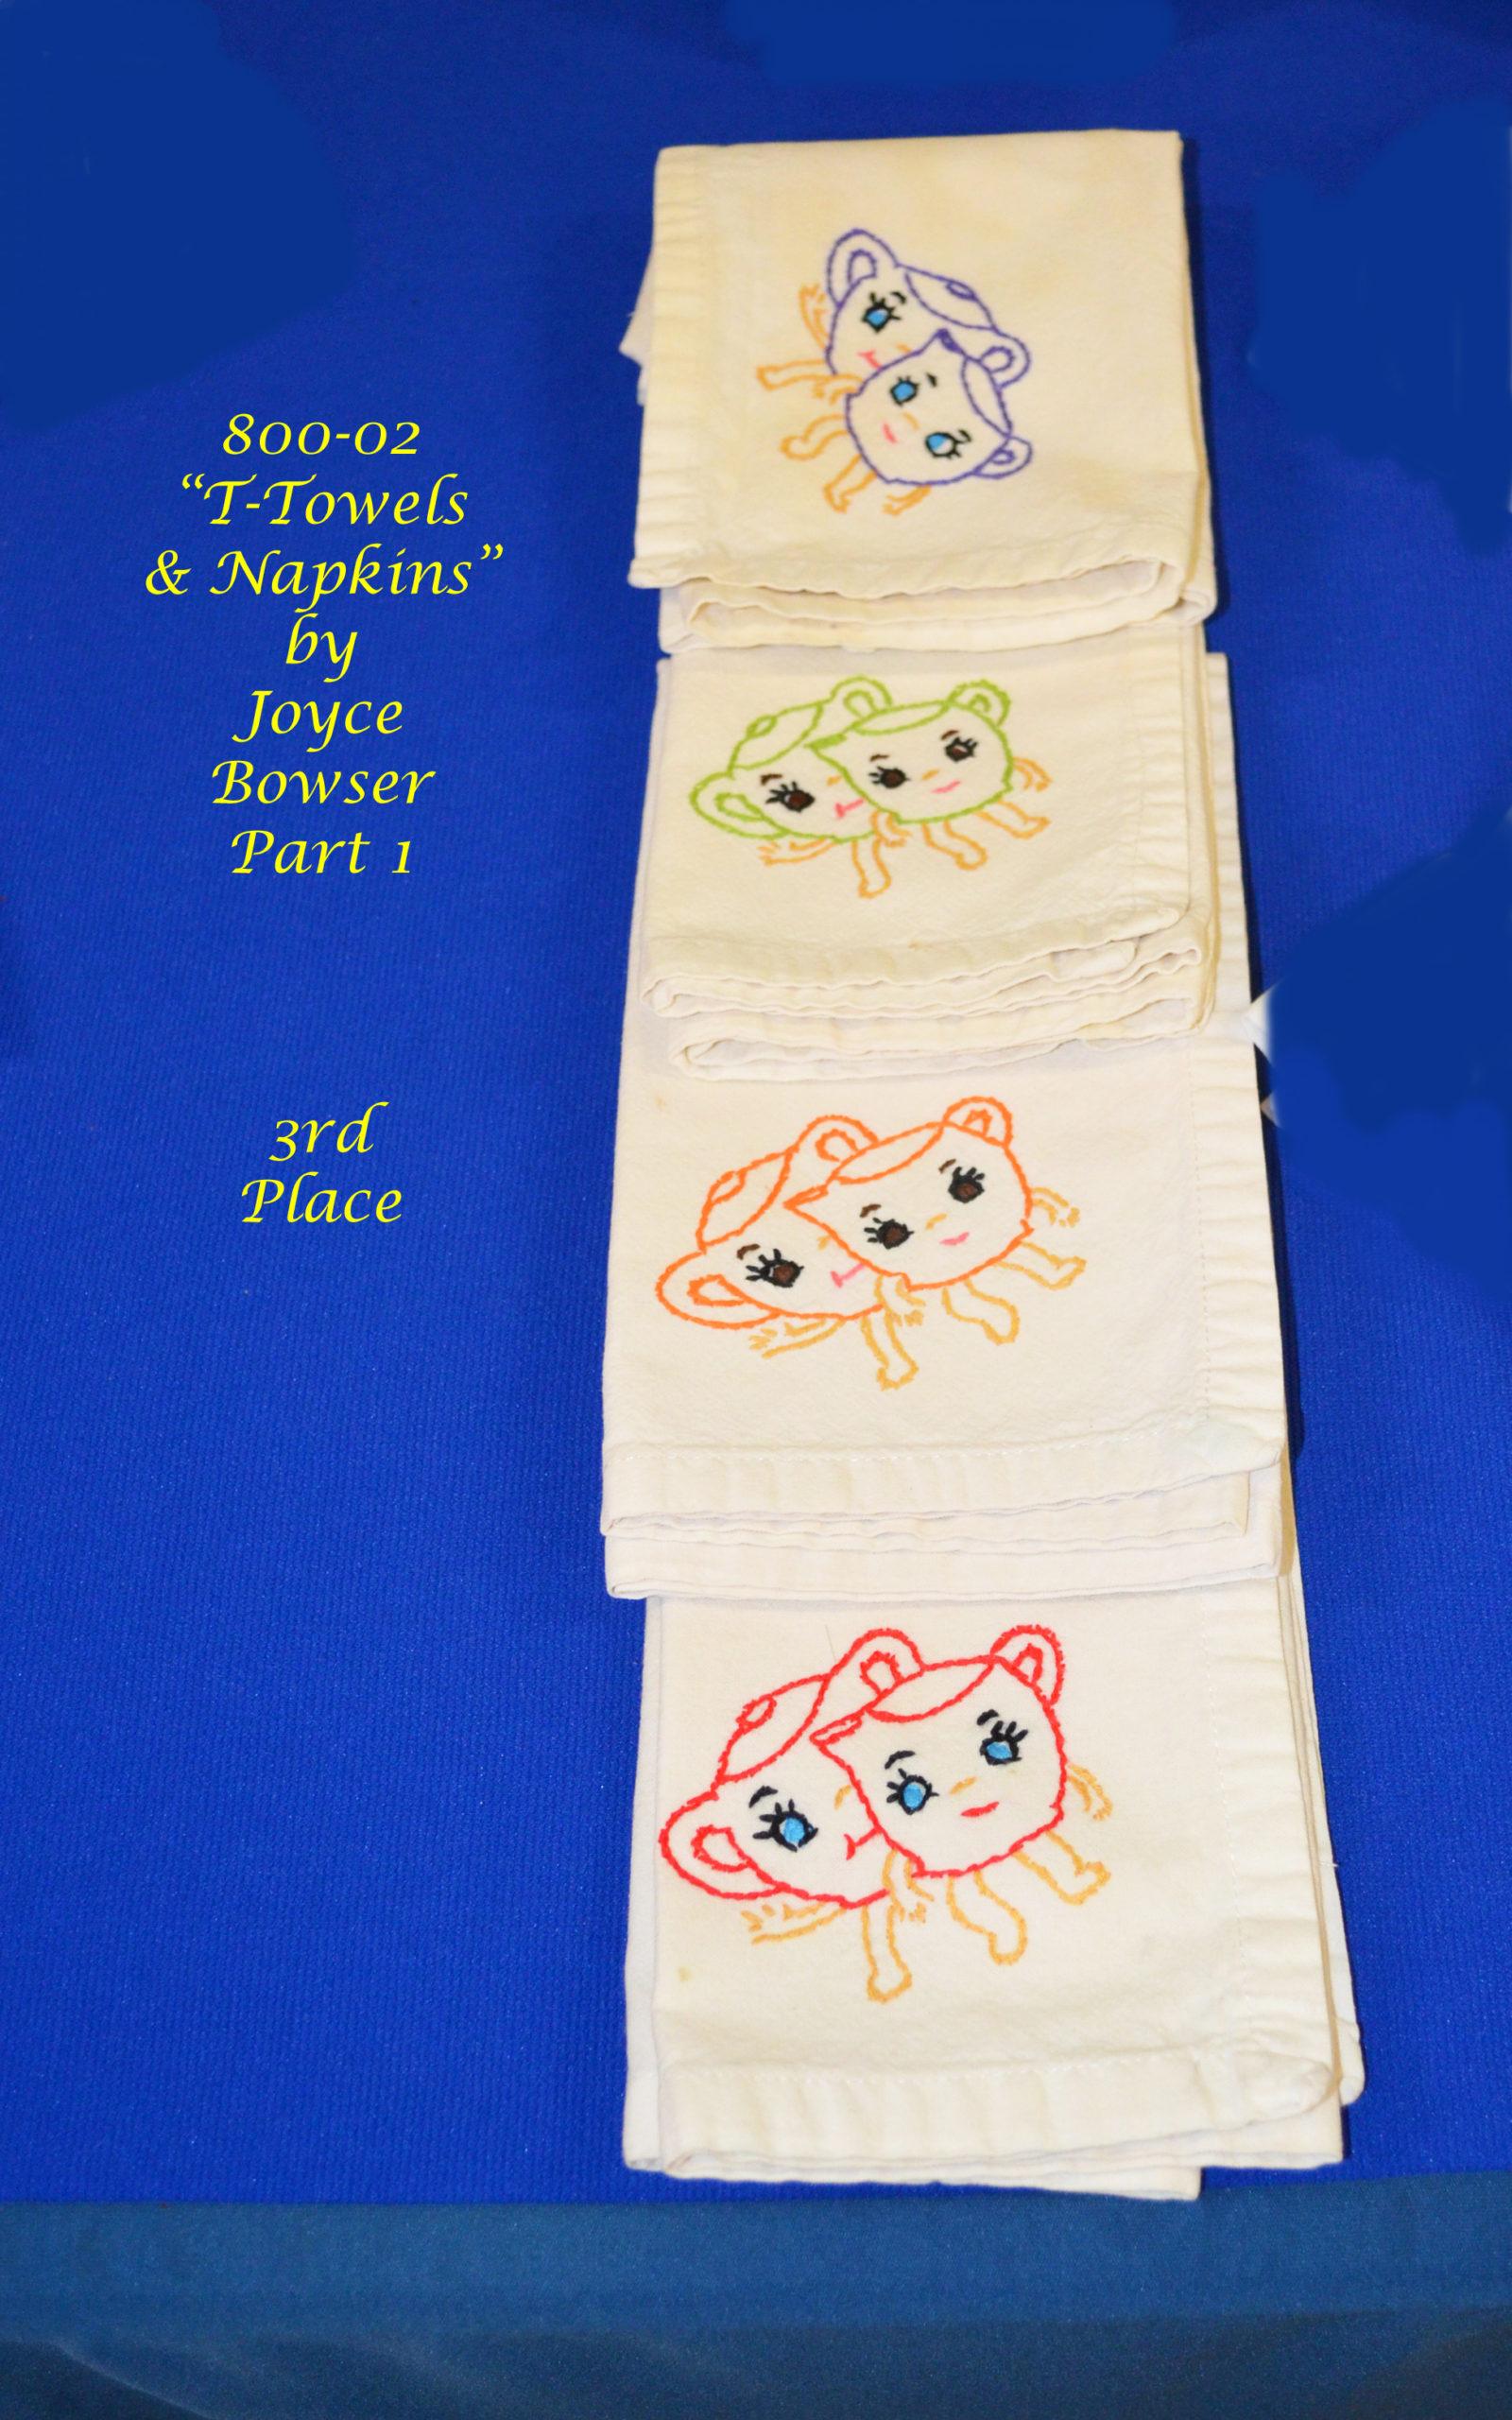 800-02(1) T-Towels & Napkins